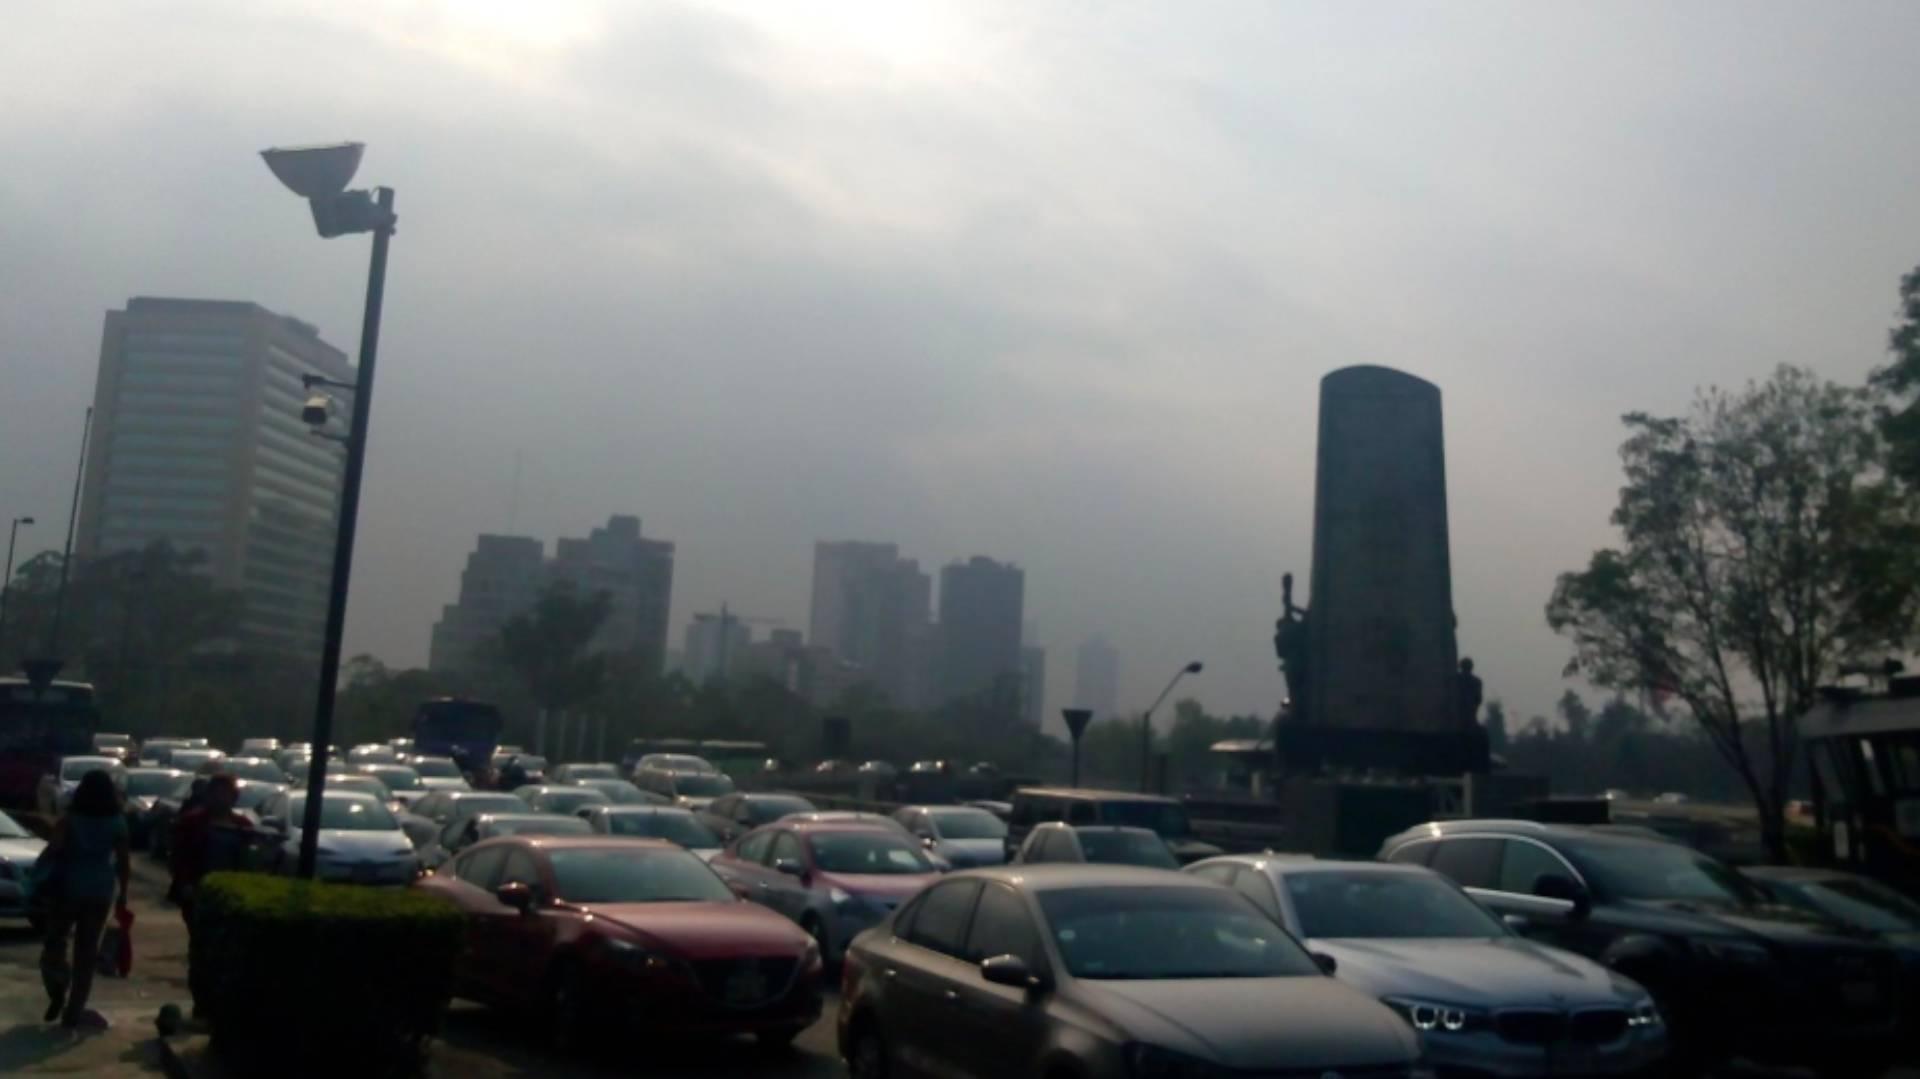 El paisaje de Ciudad de México se tornó oscuro y tenía olor a humo (Foto: Twitter @KiqueJournalist)